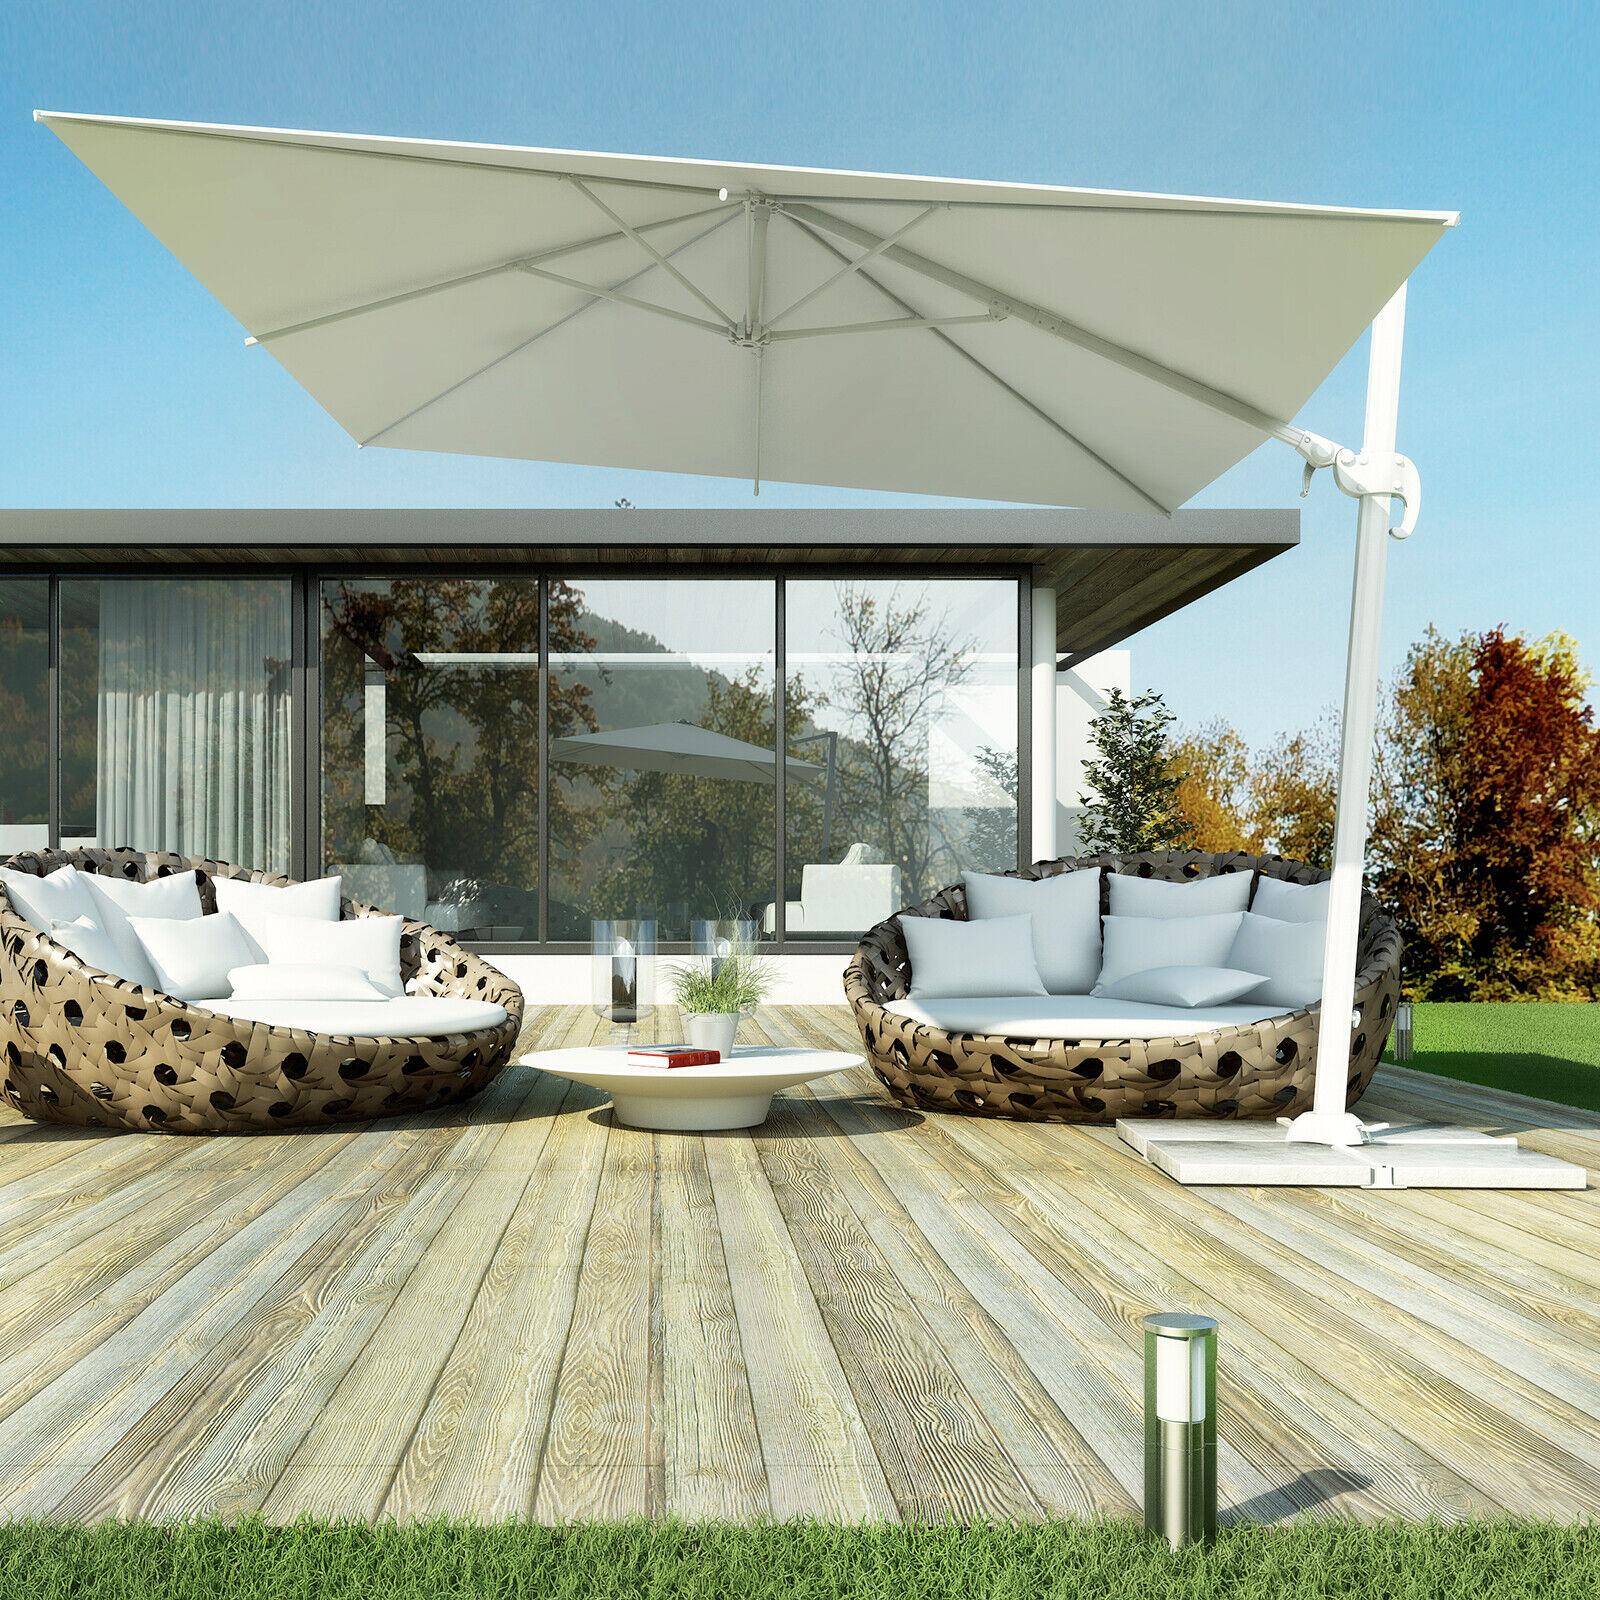 Offerta ombrellone palo laterale 2x3 metri con copertura e palo bianco Lanzarote